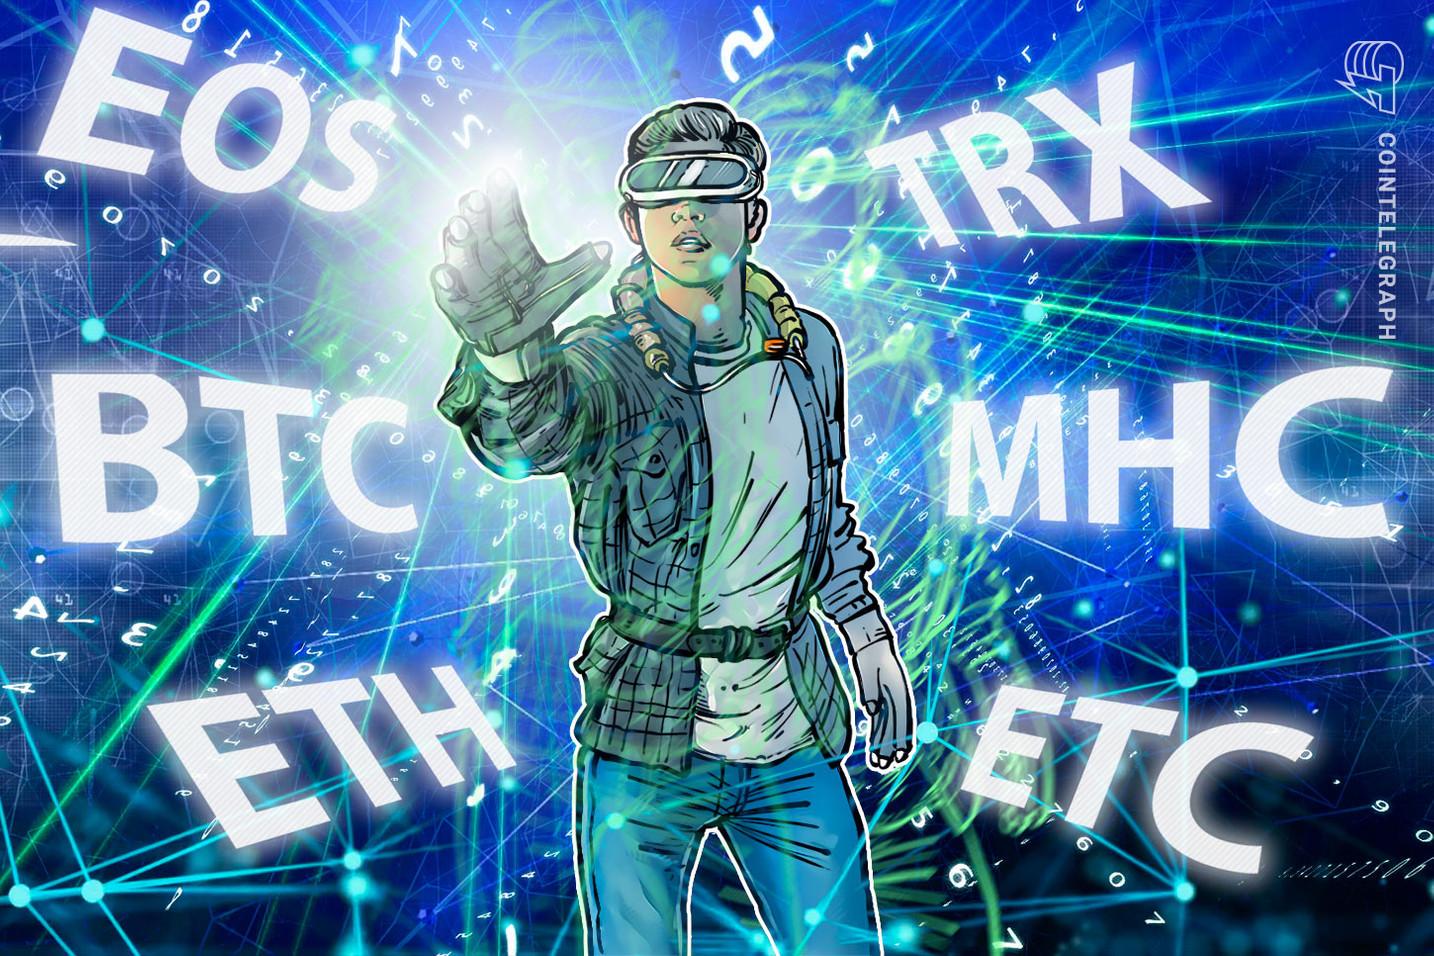 Revisión de las 5 criptomonedas de mejor desempeño: BTC, EOS, ETH, TRX, ETC, MHC*